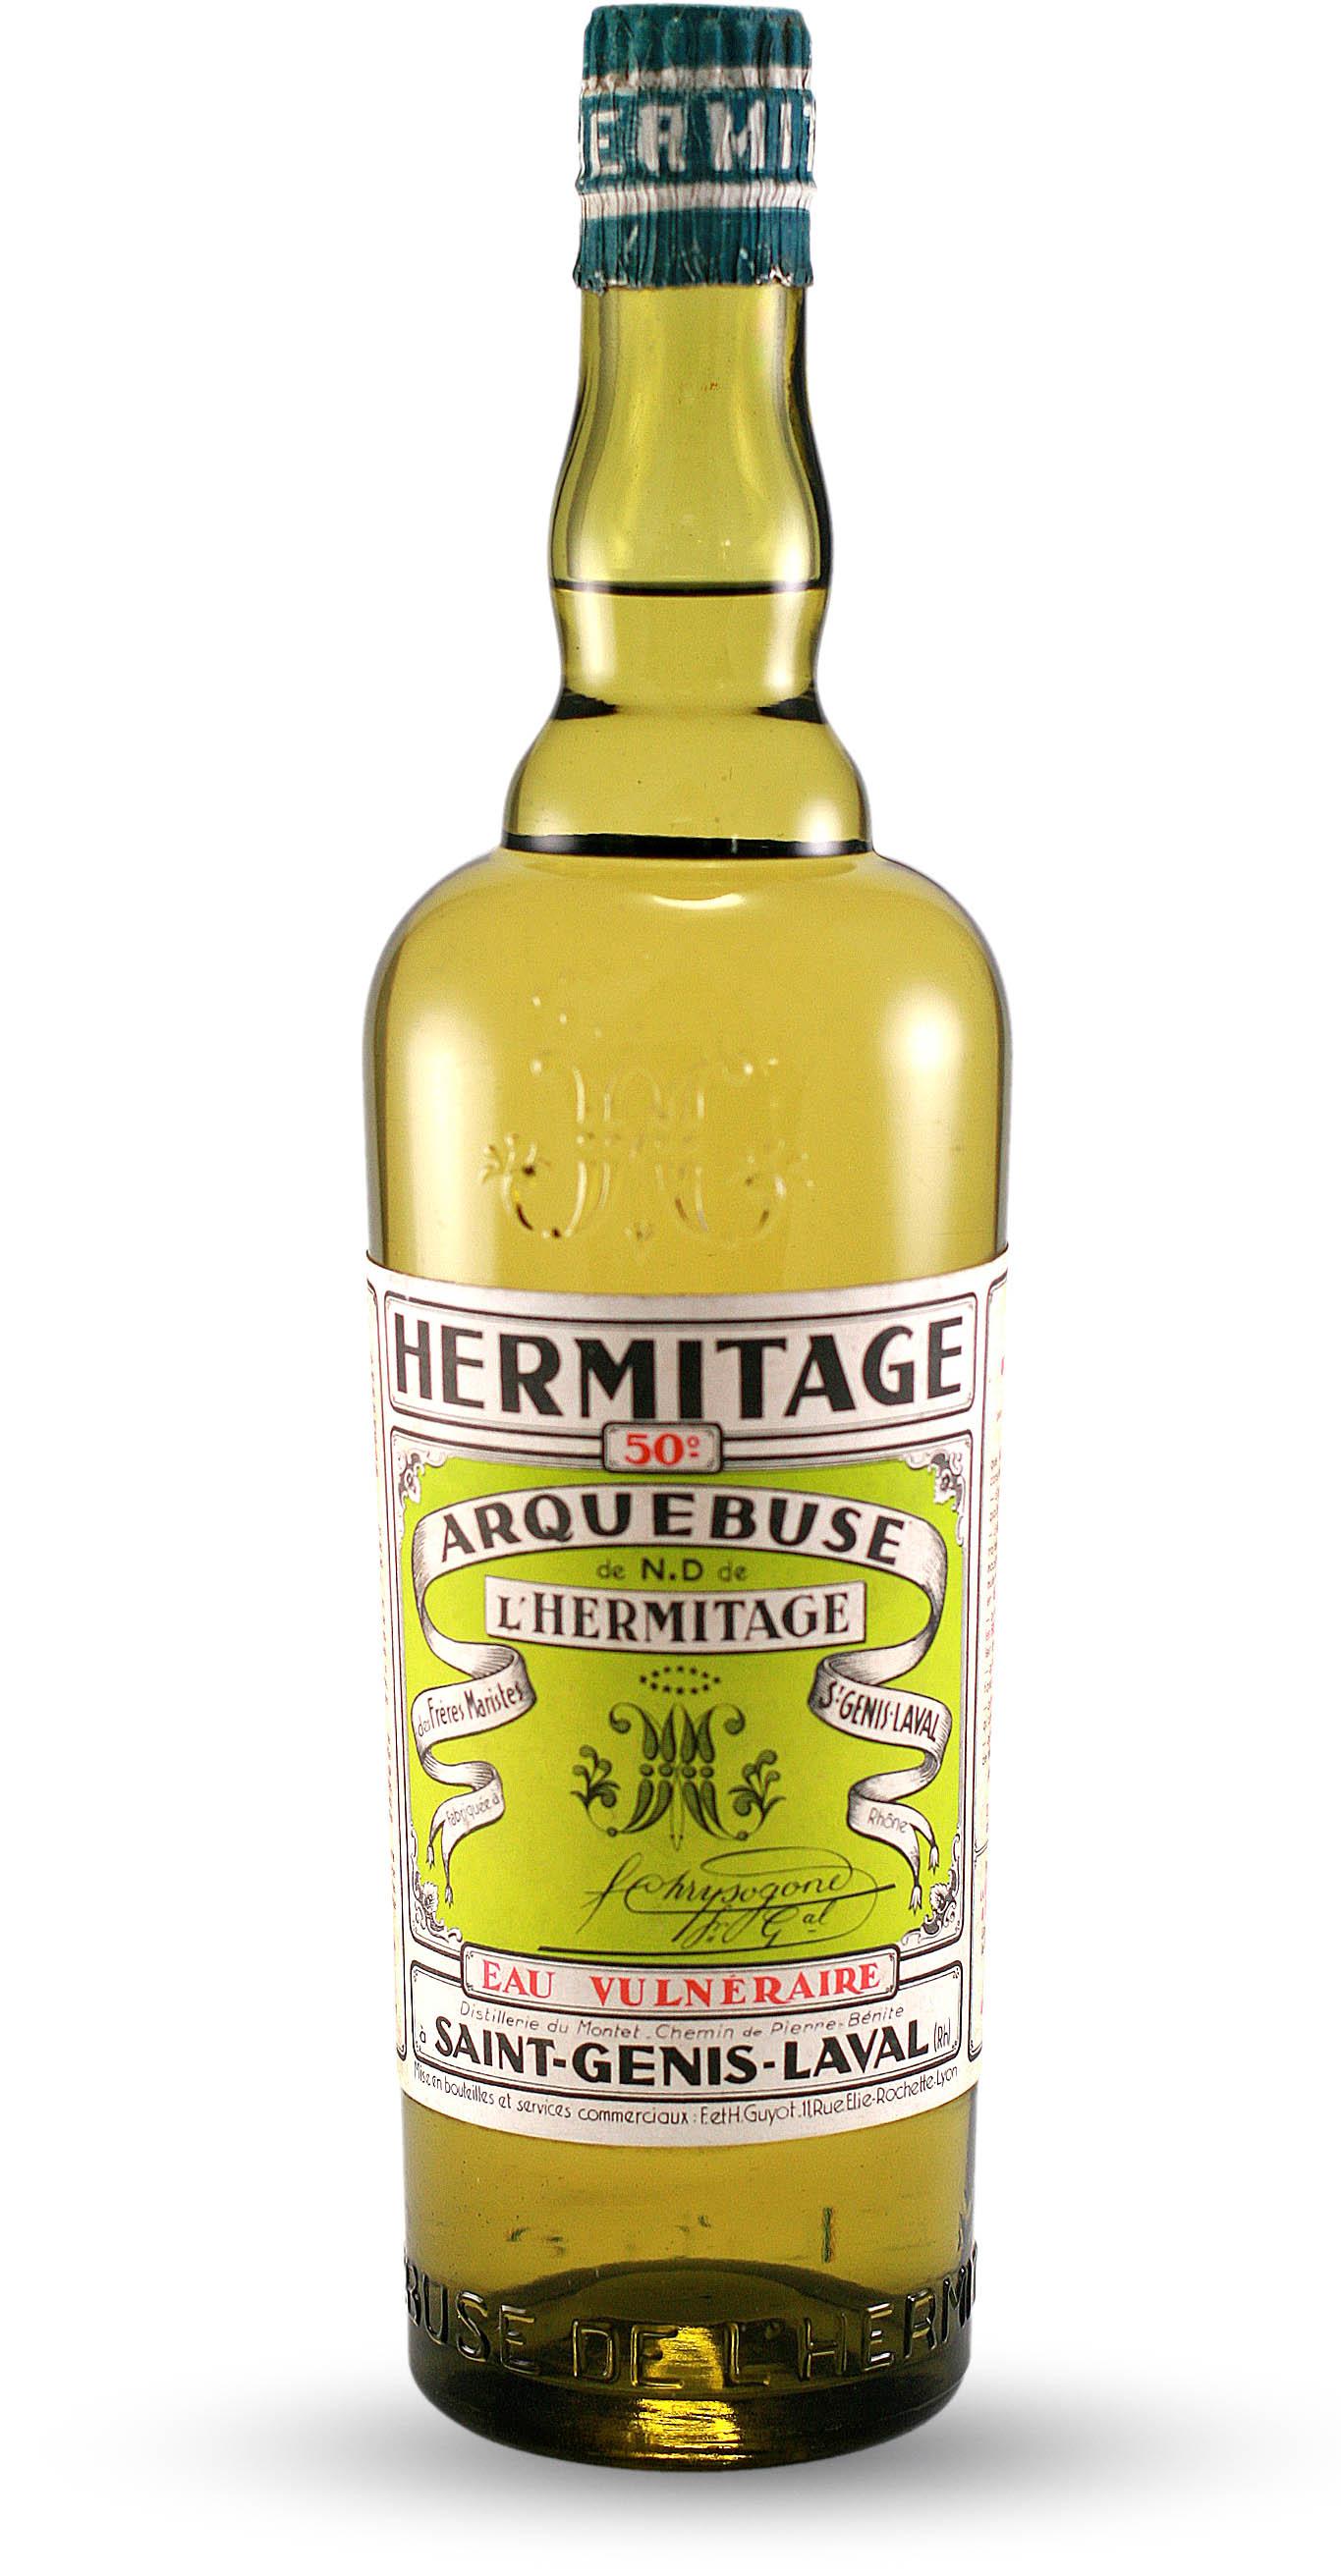 Arquebuse de n d de l hermitage eau vulnerable liqueur